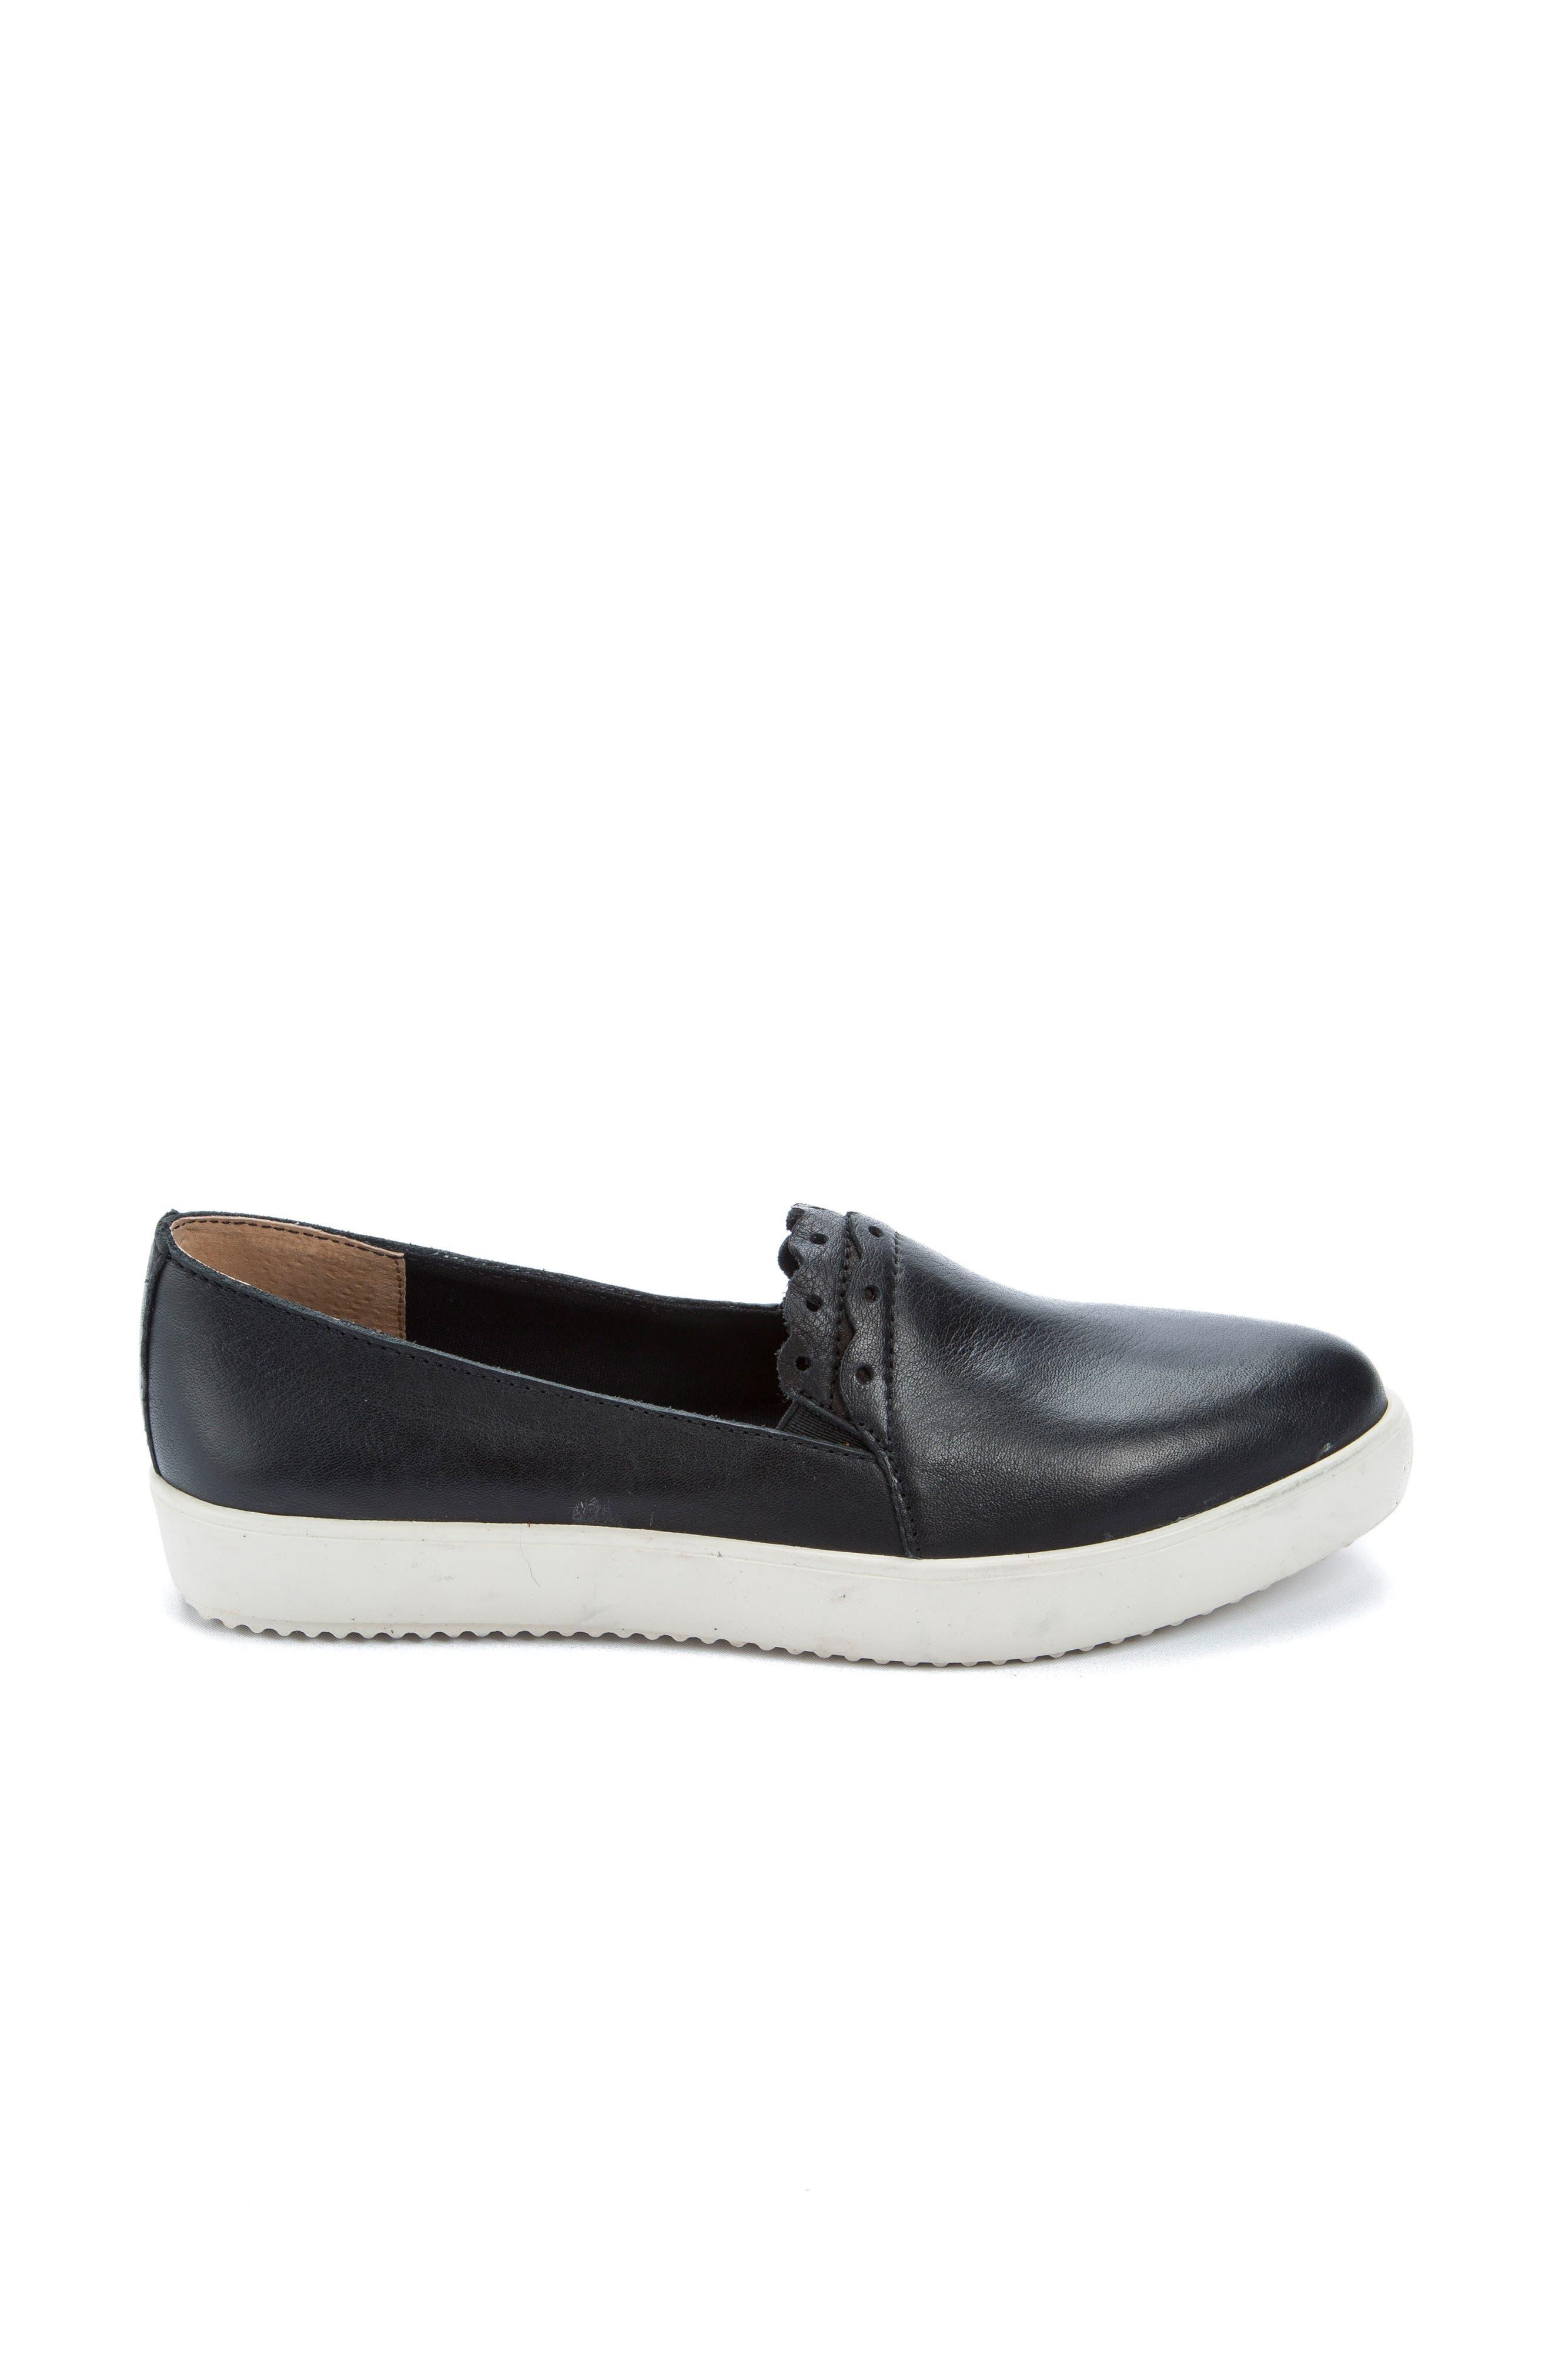 Roe Slip-On Sneaker,                             Alternate thumbnail 3, color,                             001